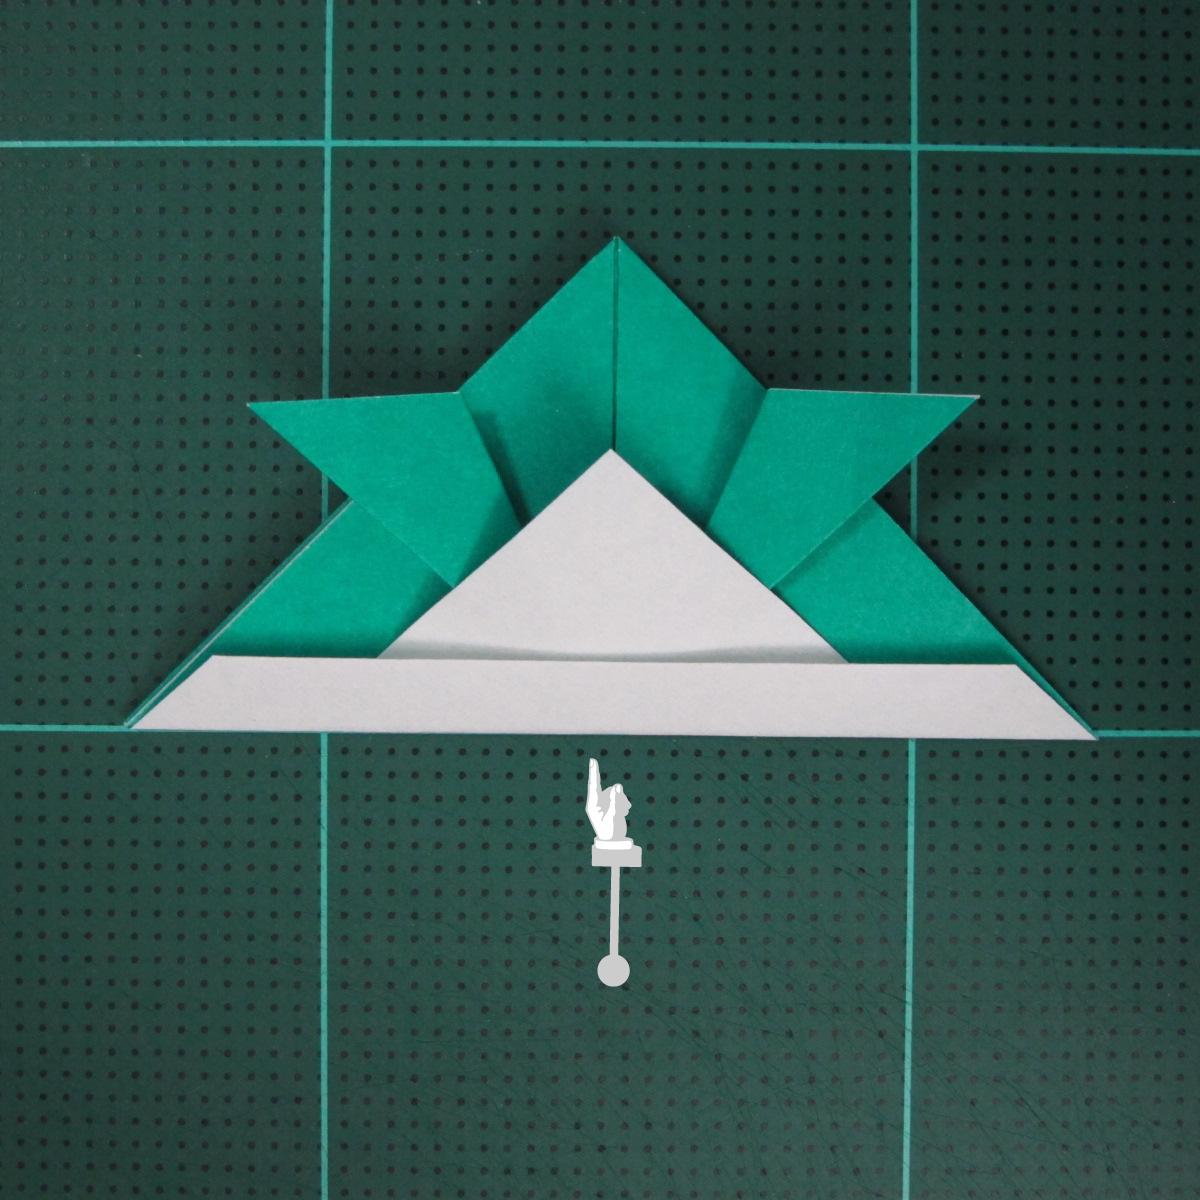 วิธีพับกระดาษเป็นรูปหมวกซามุไร (Origami Samurai Hat) 011